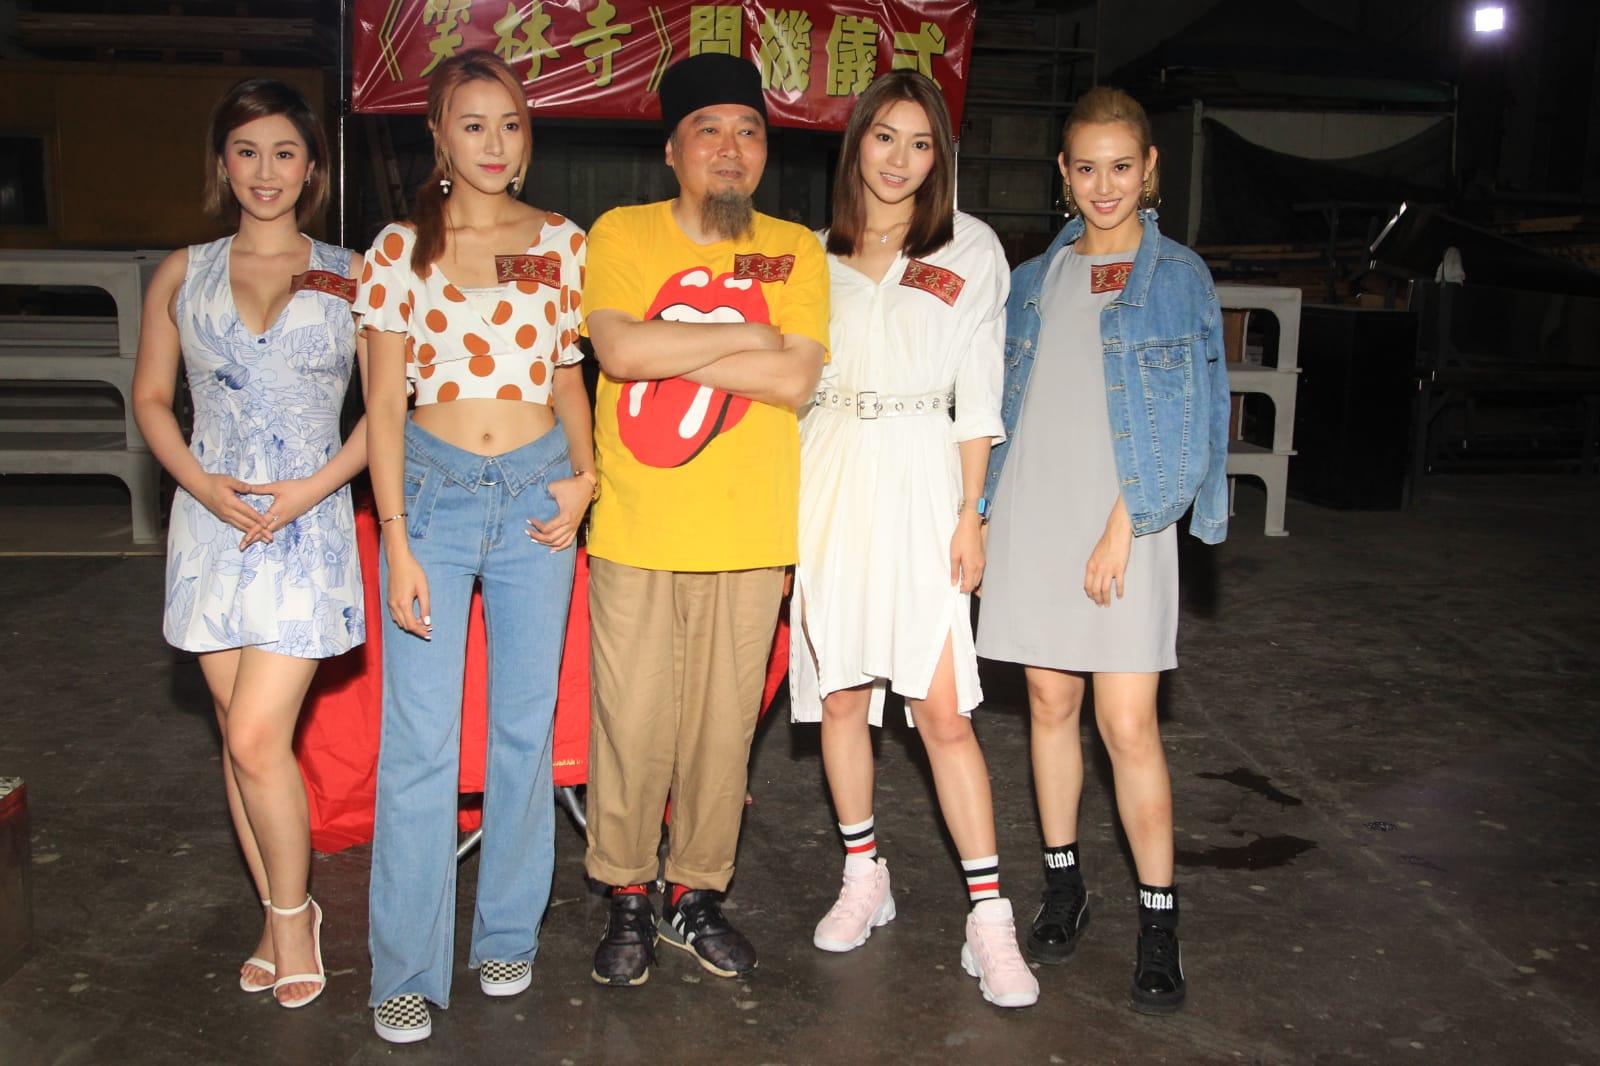 「寸嘴Barbie」夏尉喻、劉以達與組合Bingo